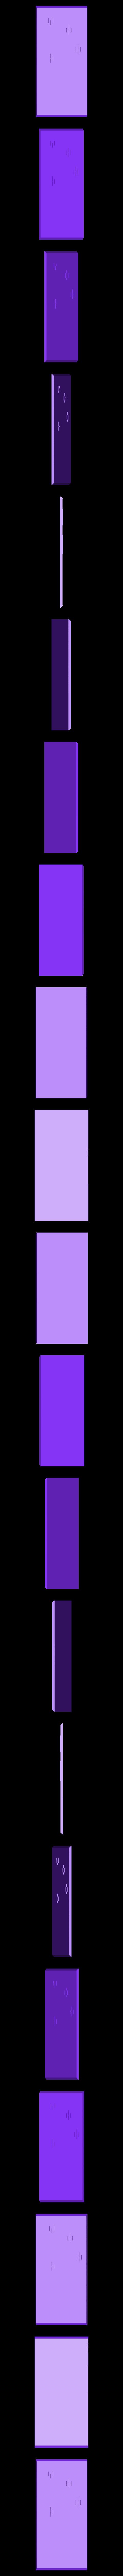 sml_rm_bk1.stl Télécharger fichier STL gratuit Ripper's London - Les égouts • Design pour imprimante 3D, Earsling